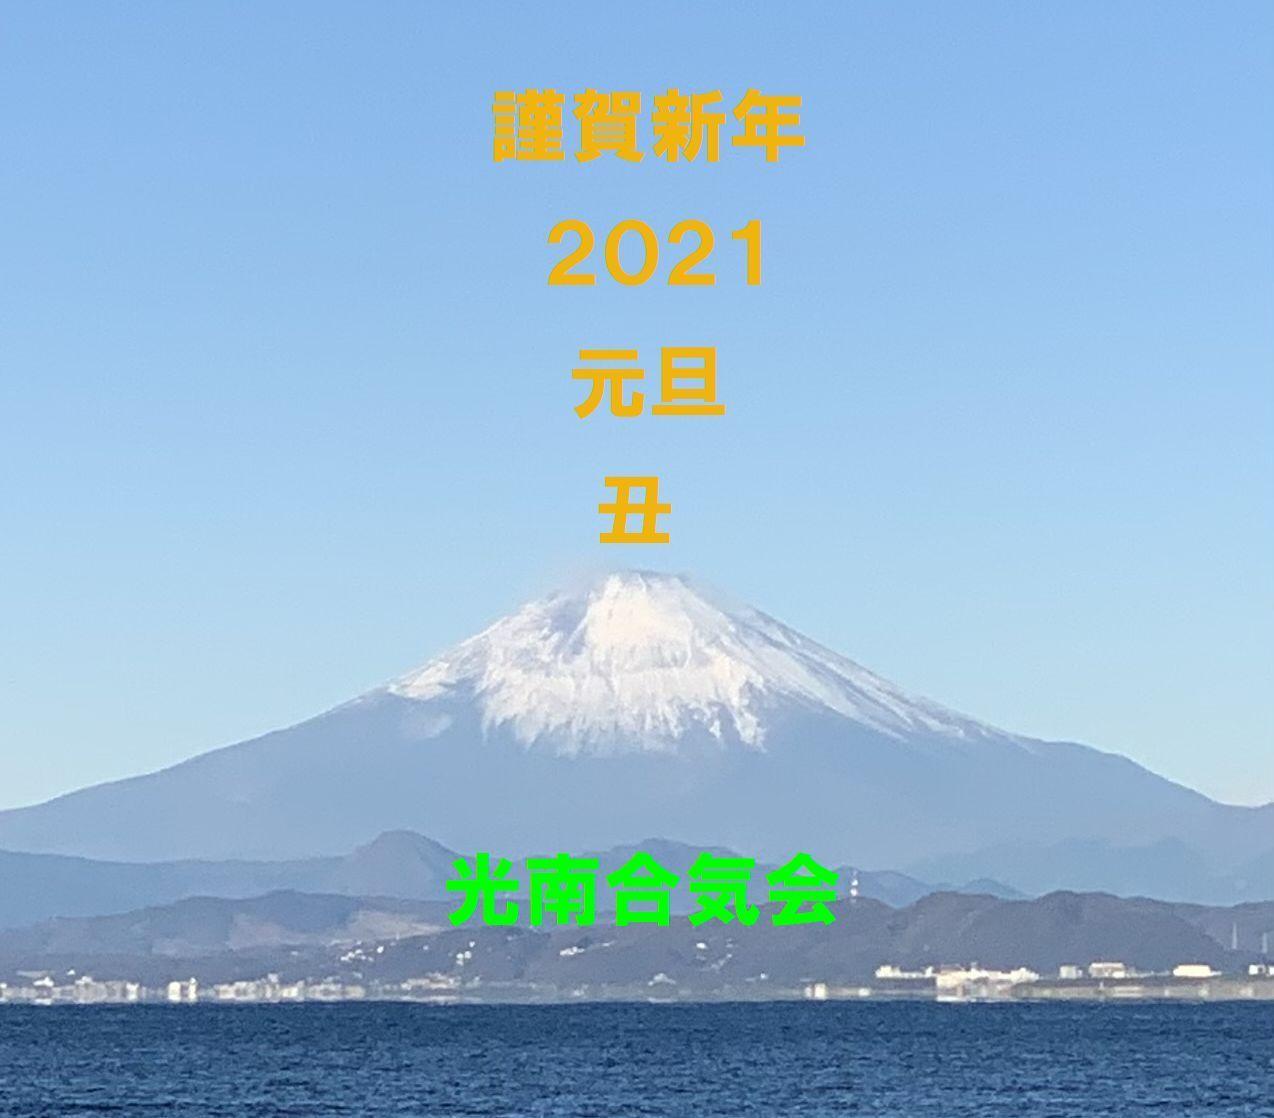 謹賀新年 2021_d0113936_08102984.jpg